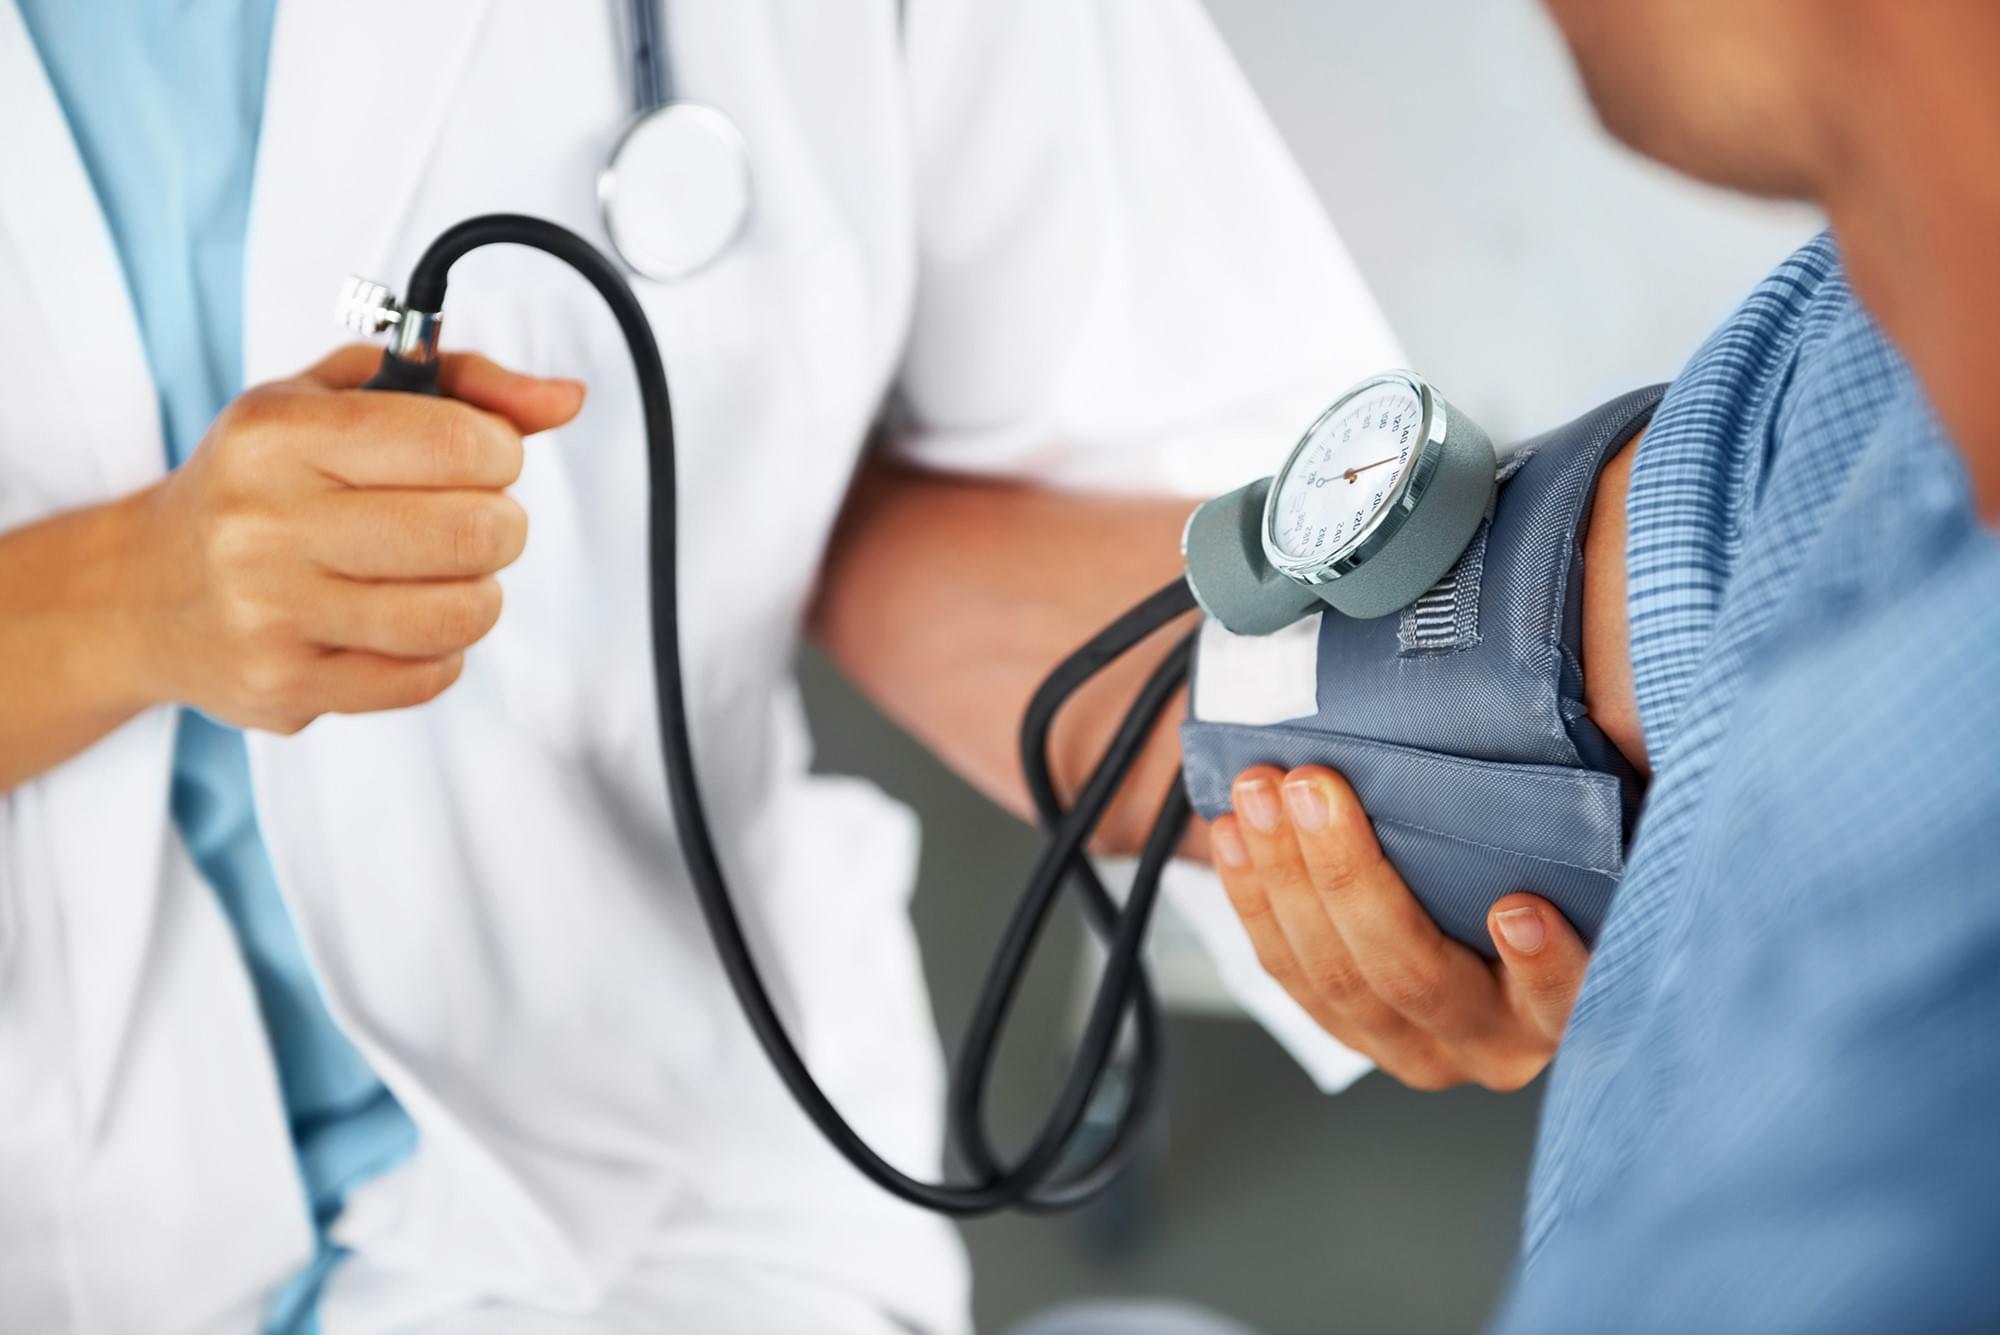 Mitos e verdades sobre a hipertensão